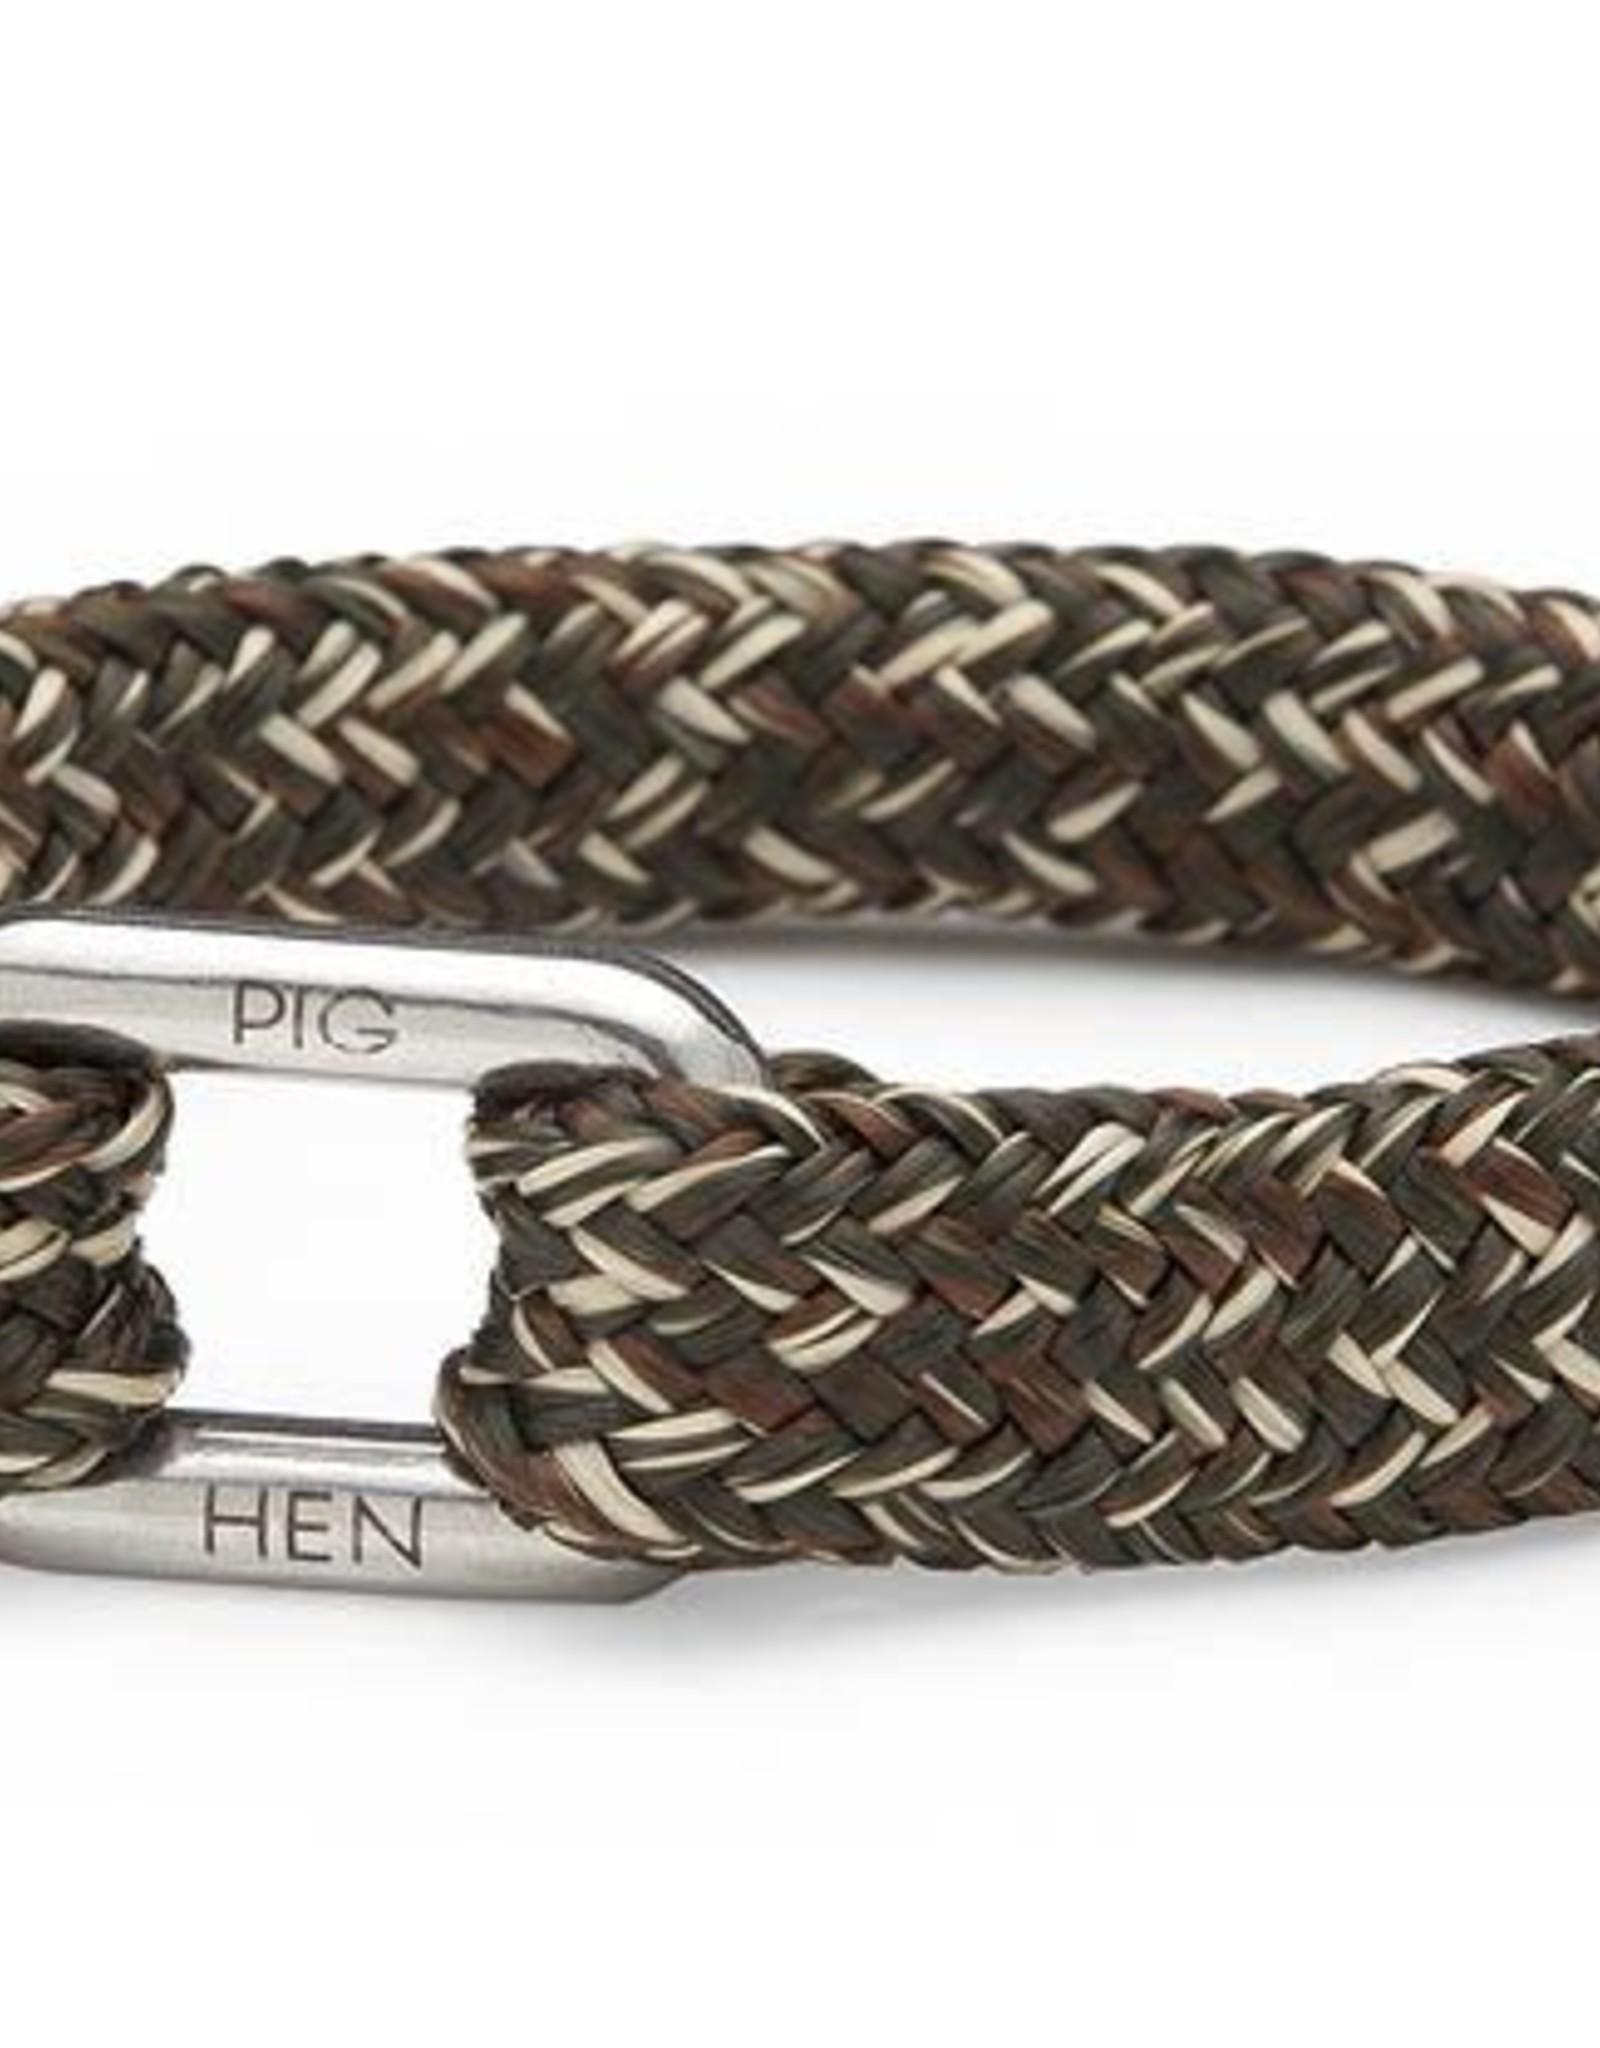 Pig & Hen Limp Lee